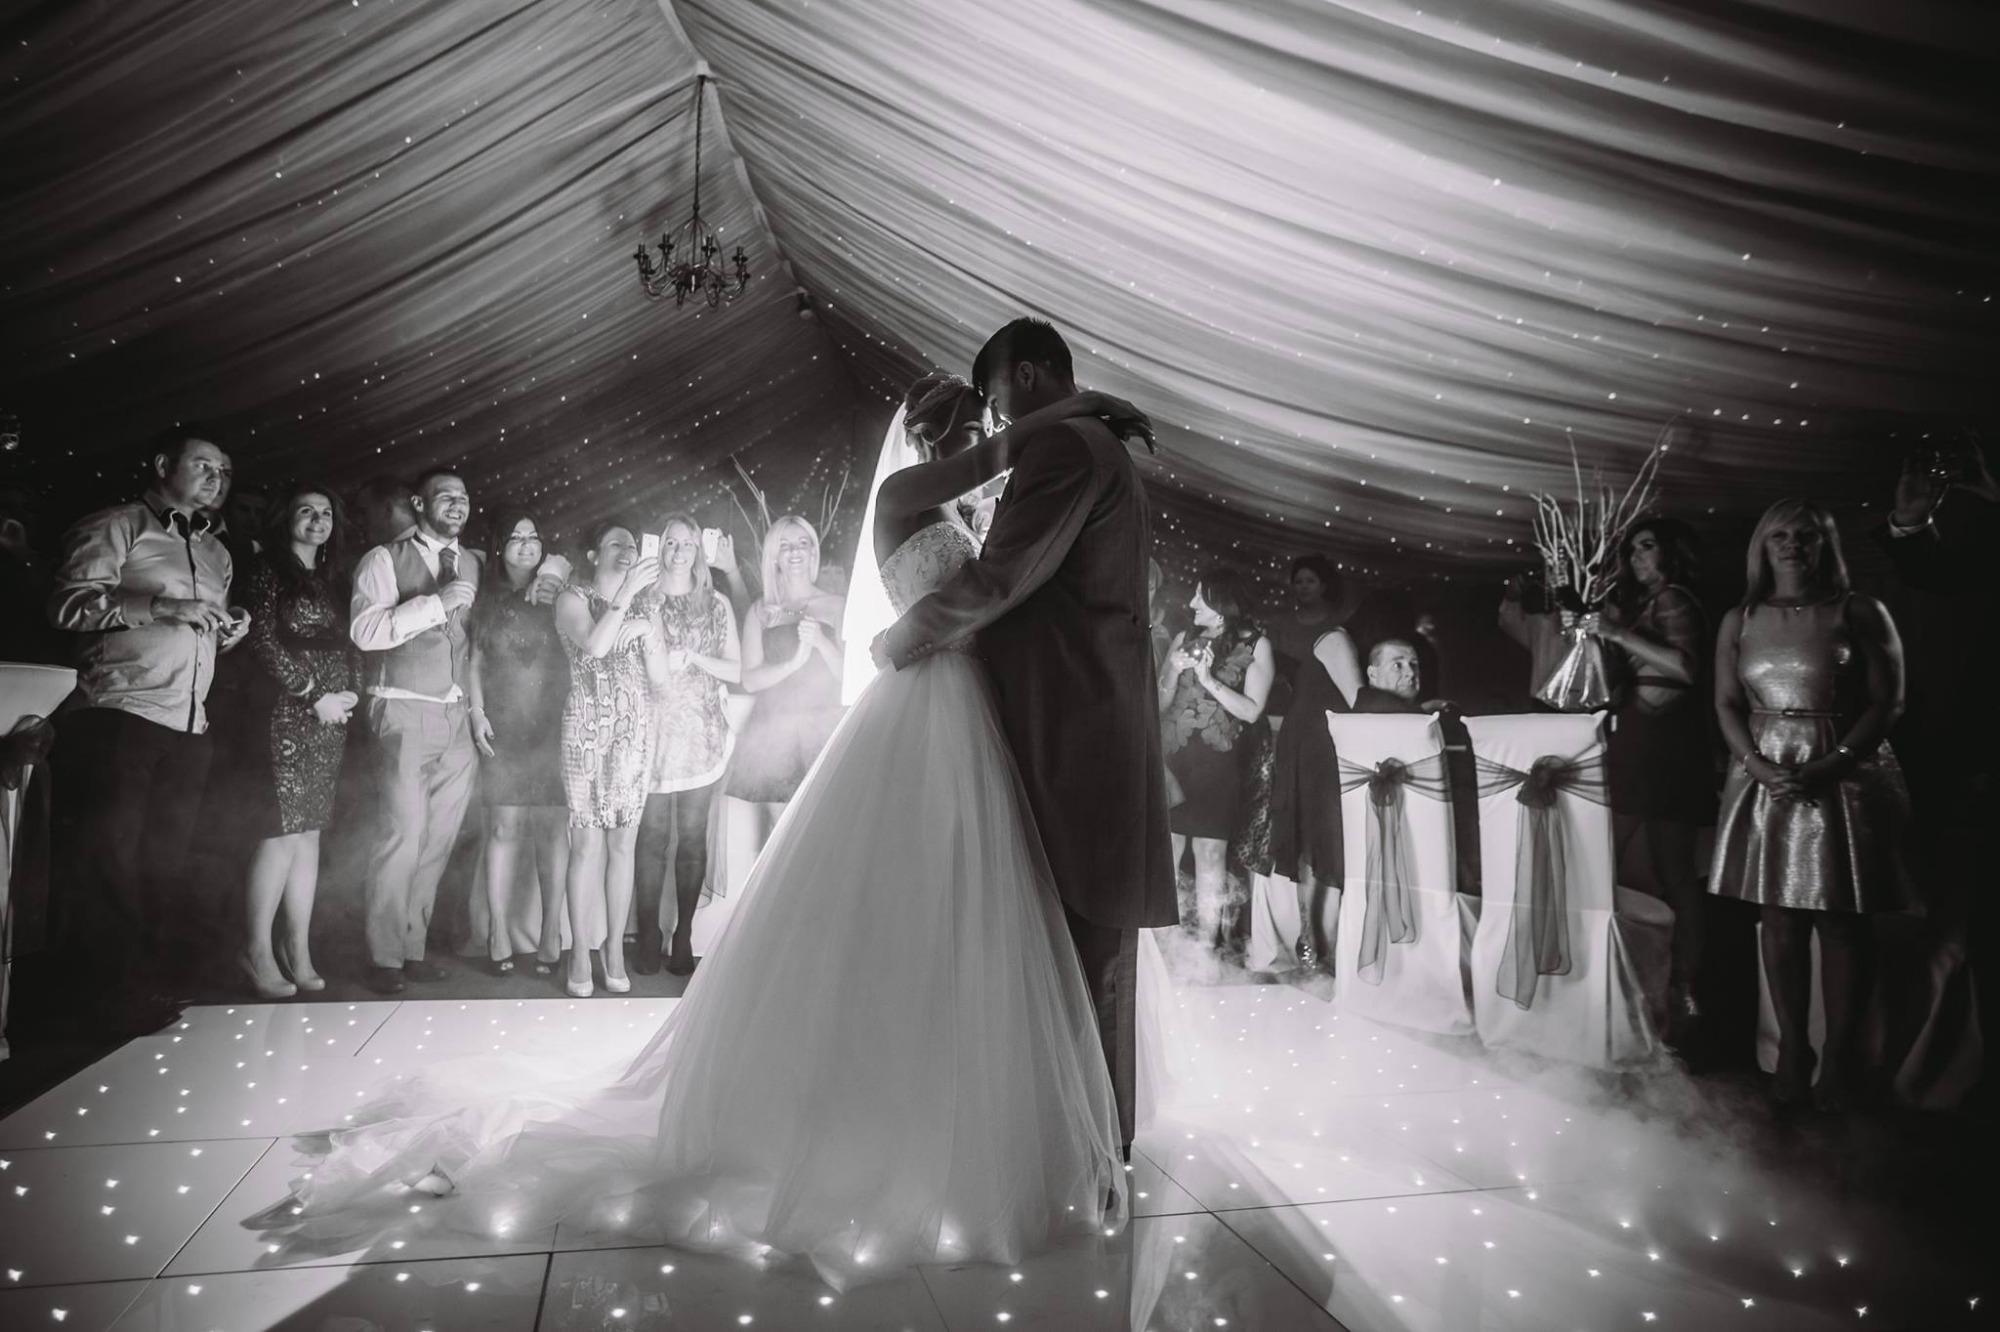 Promo Dazzling Dance Floors Dance Floor Hire West Yorkshire